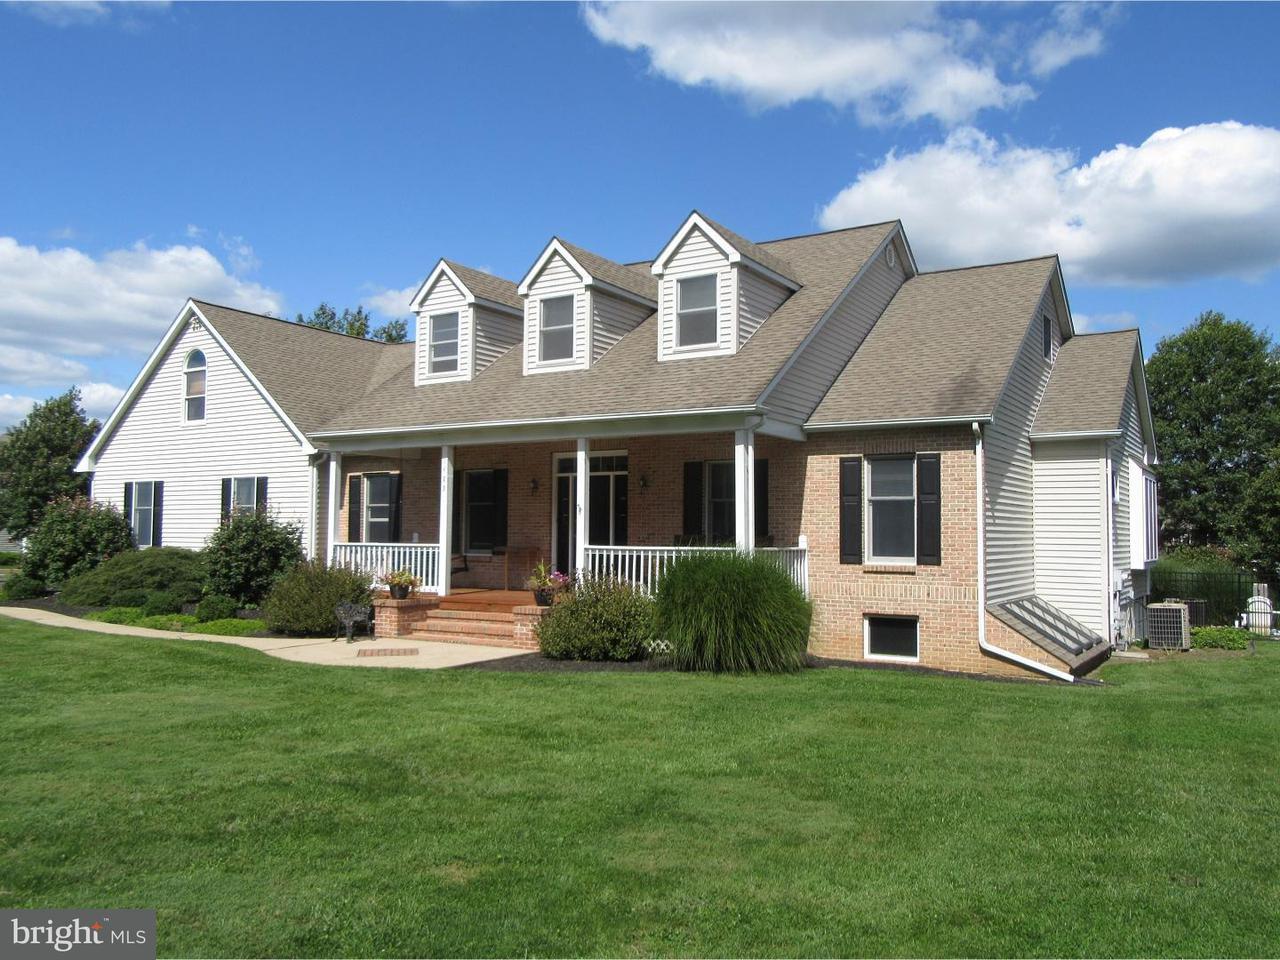 Частный односемейный дом для того Продажа на 1489 TURKEY TROT Road Warminster, Пенсильвания 18974 Соединенные Штаты